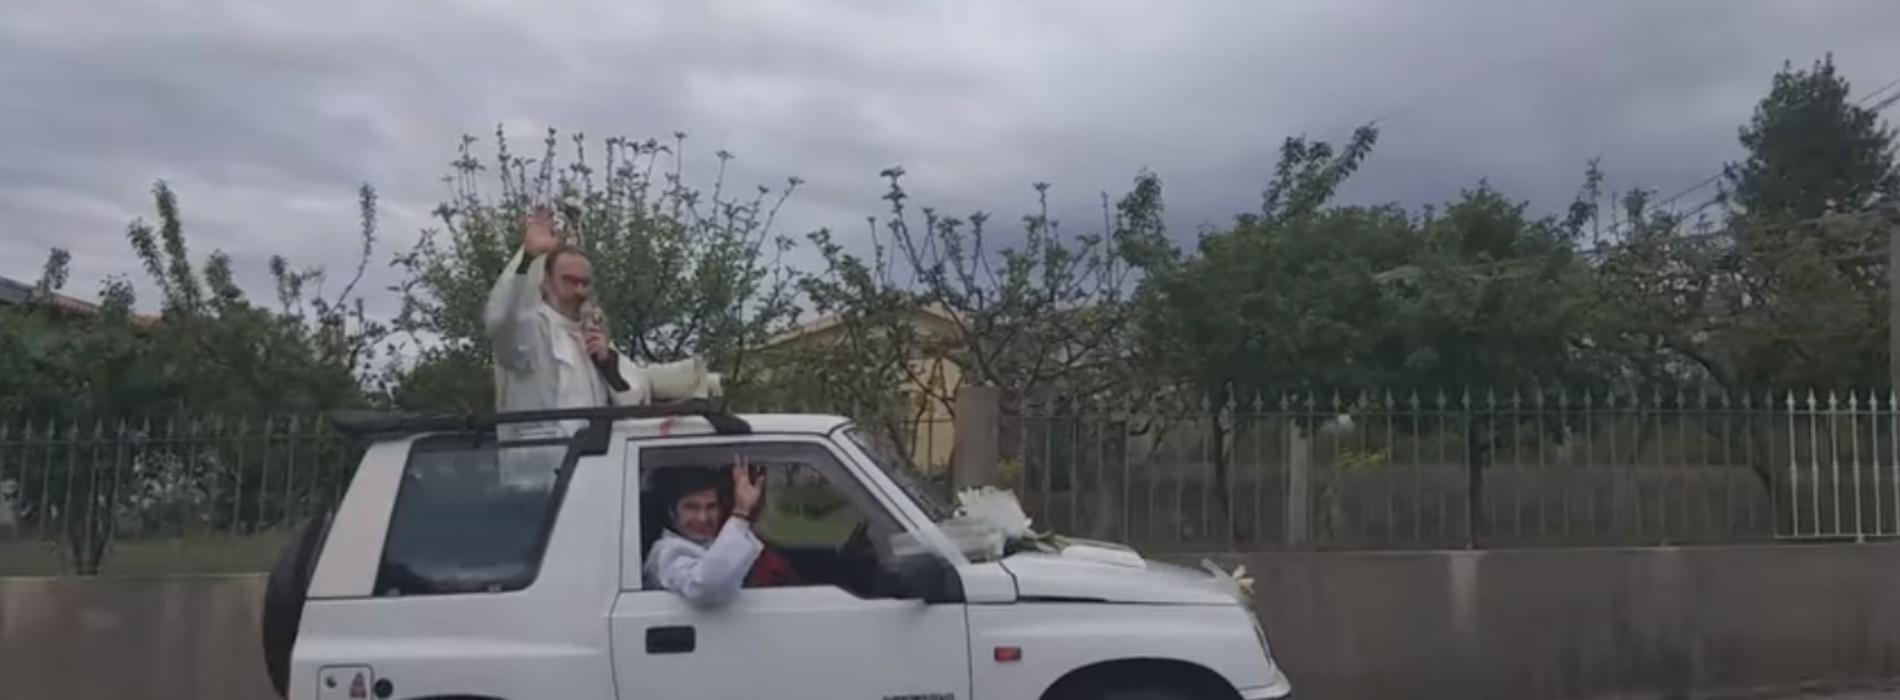 Párocos de Oliveira do Hospital realizaram Visita Pascal através de viatura com altifalante (com vídeo)